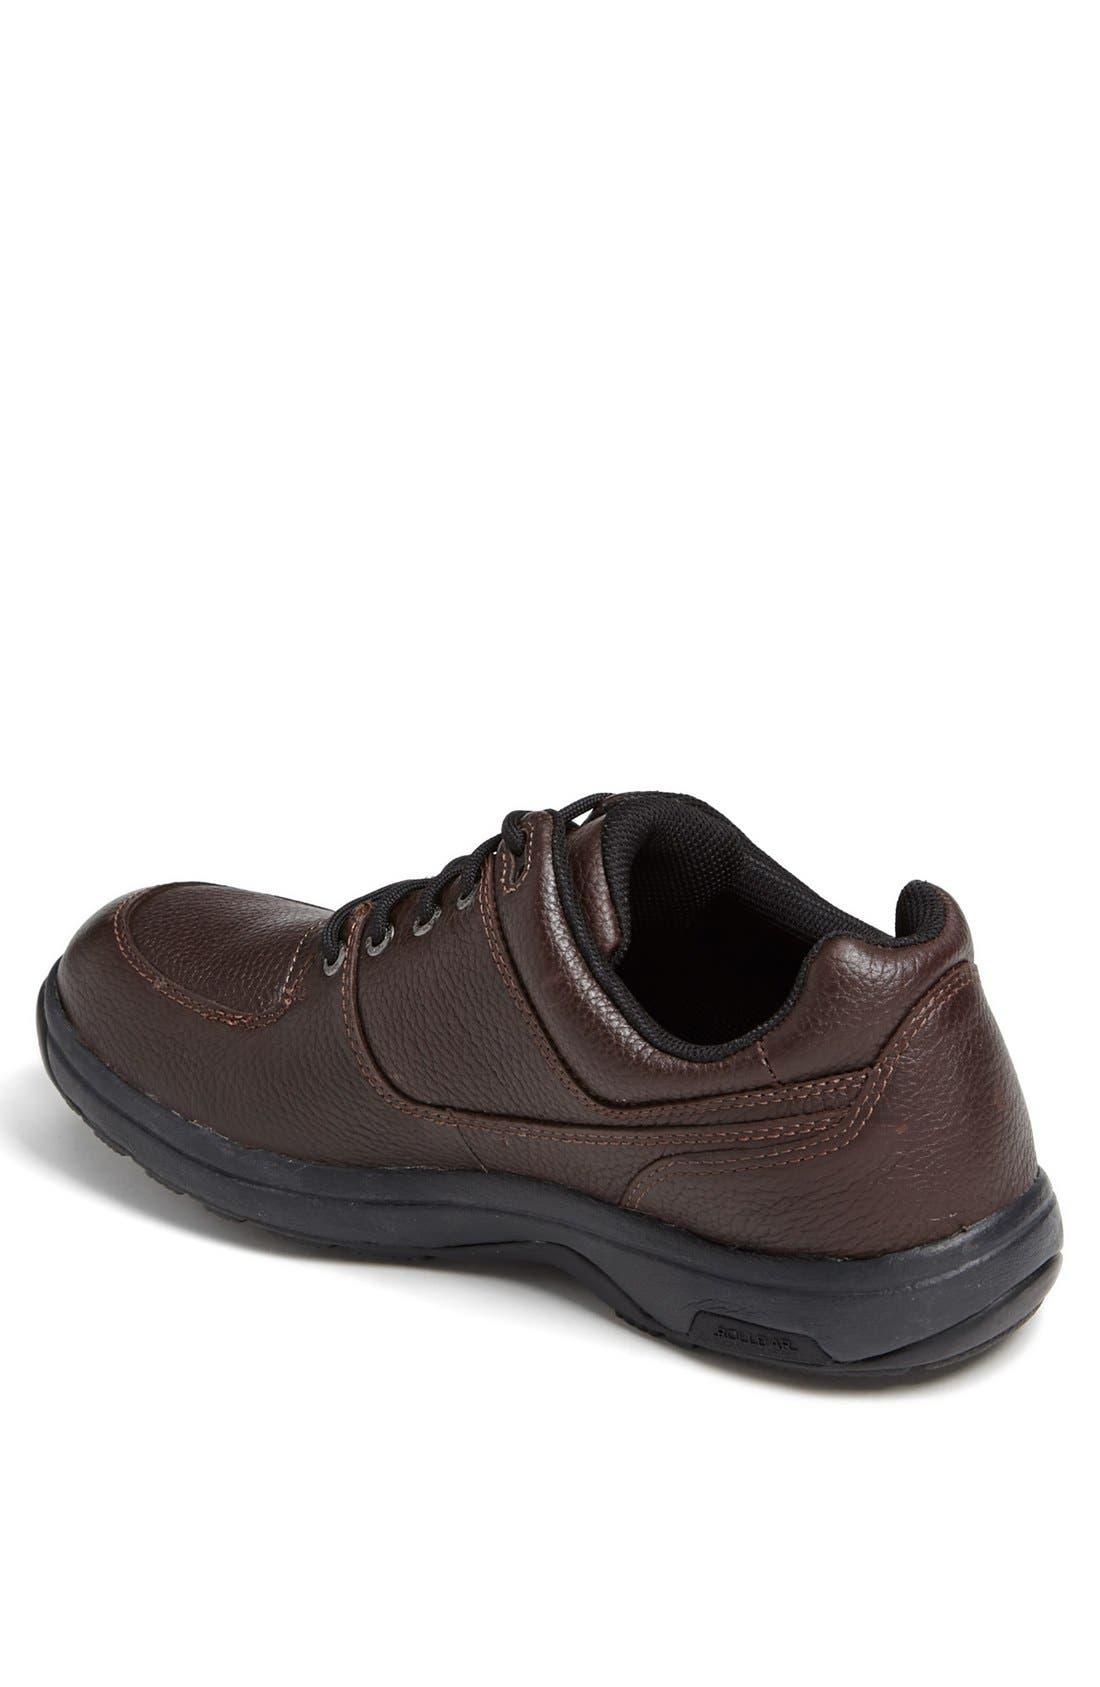 Alternate Image 2  - Dunham 'Windsor' Sneaker